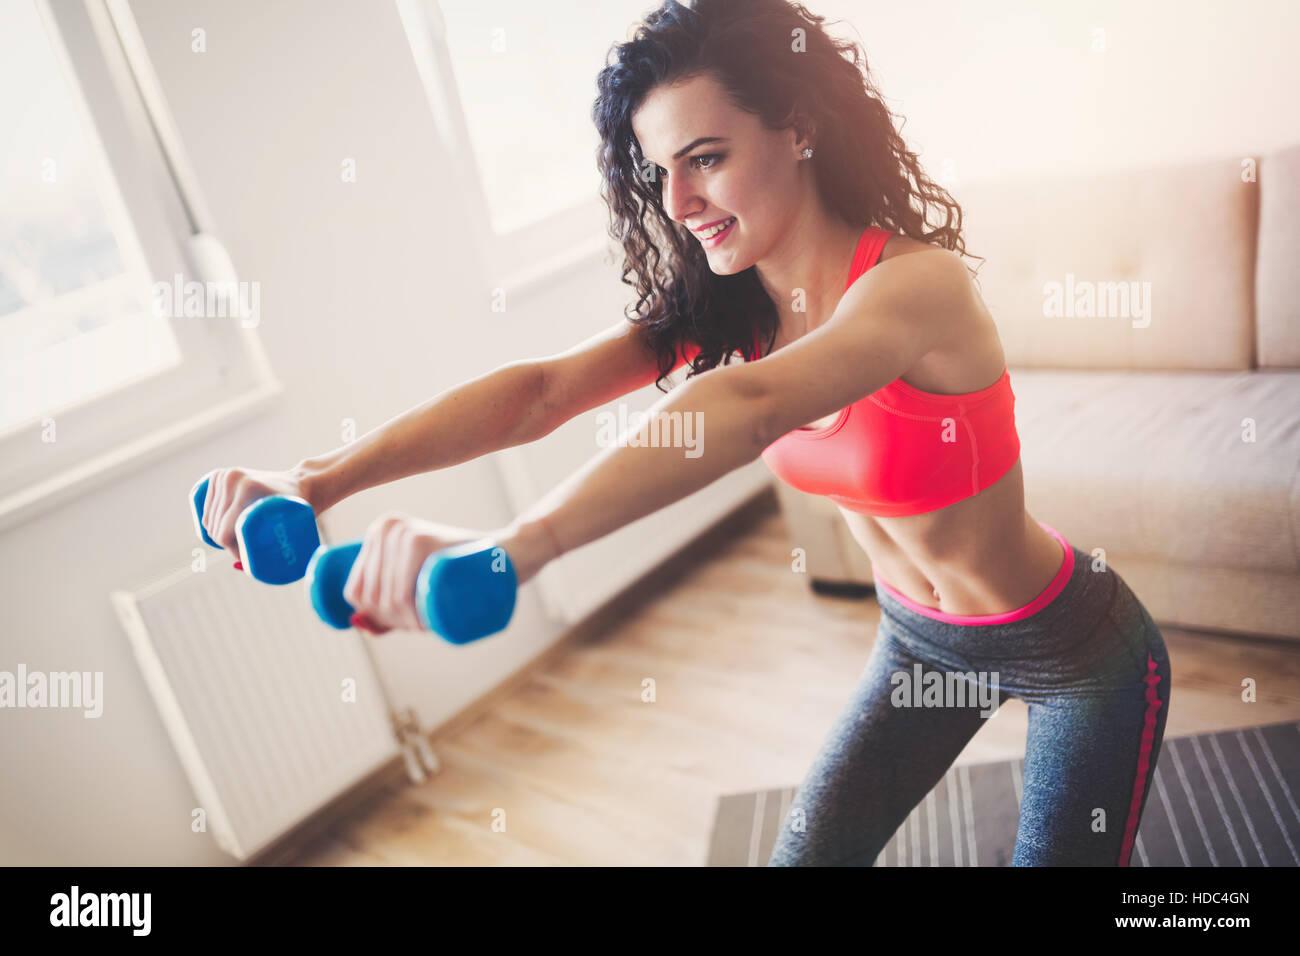 Colocar sportswoman ejercitar y entrenar en casa Imagen De Stock